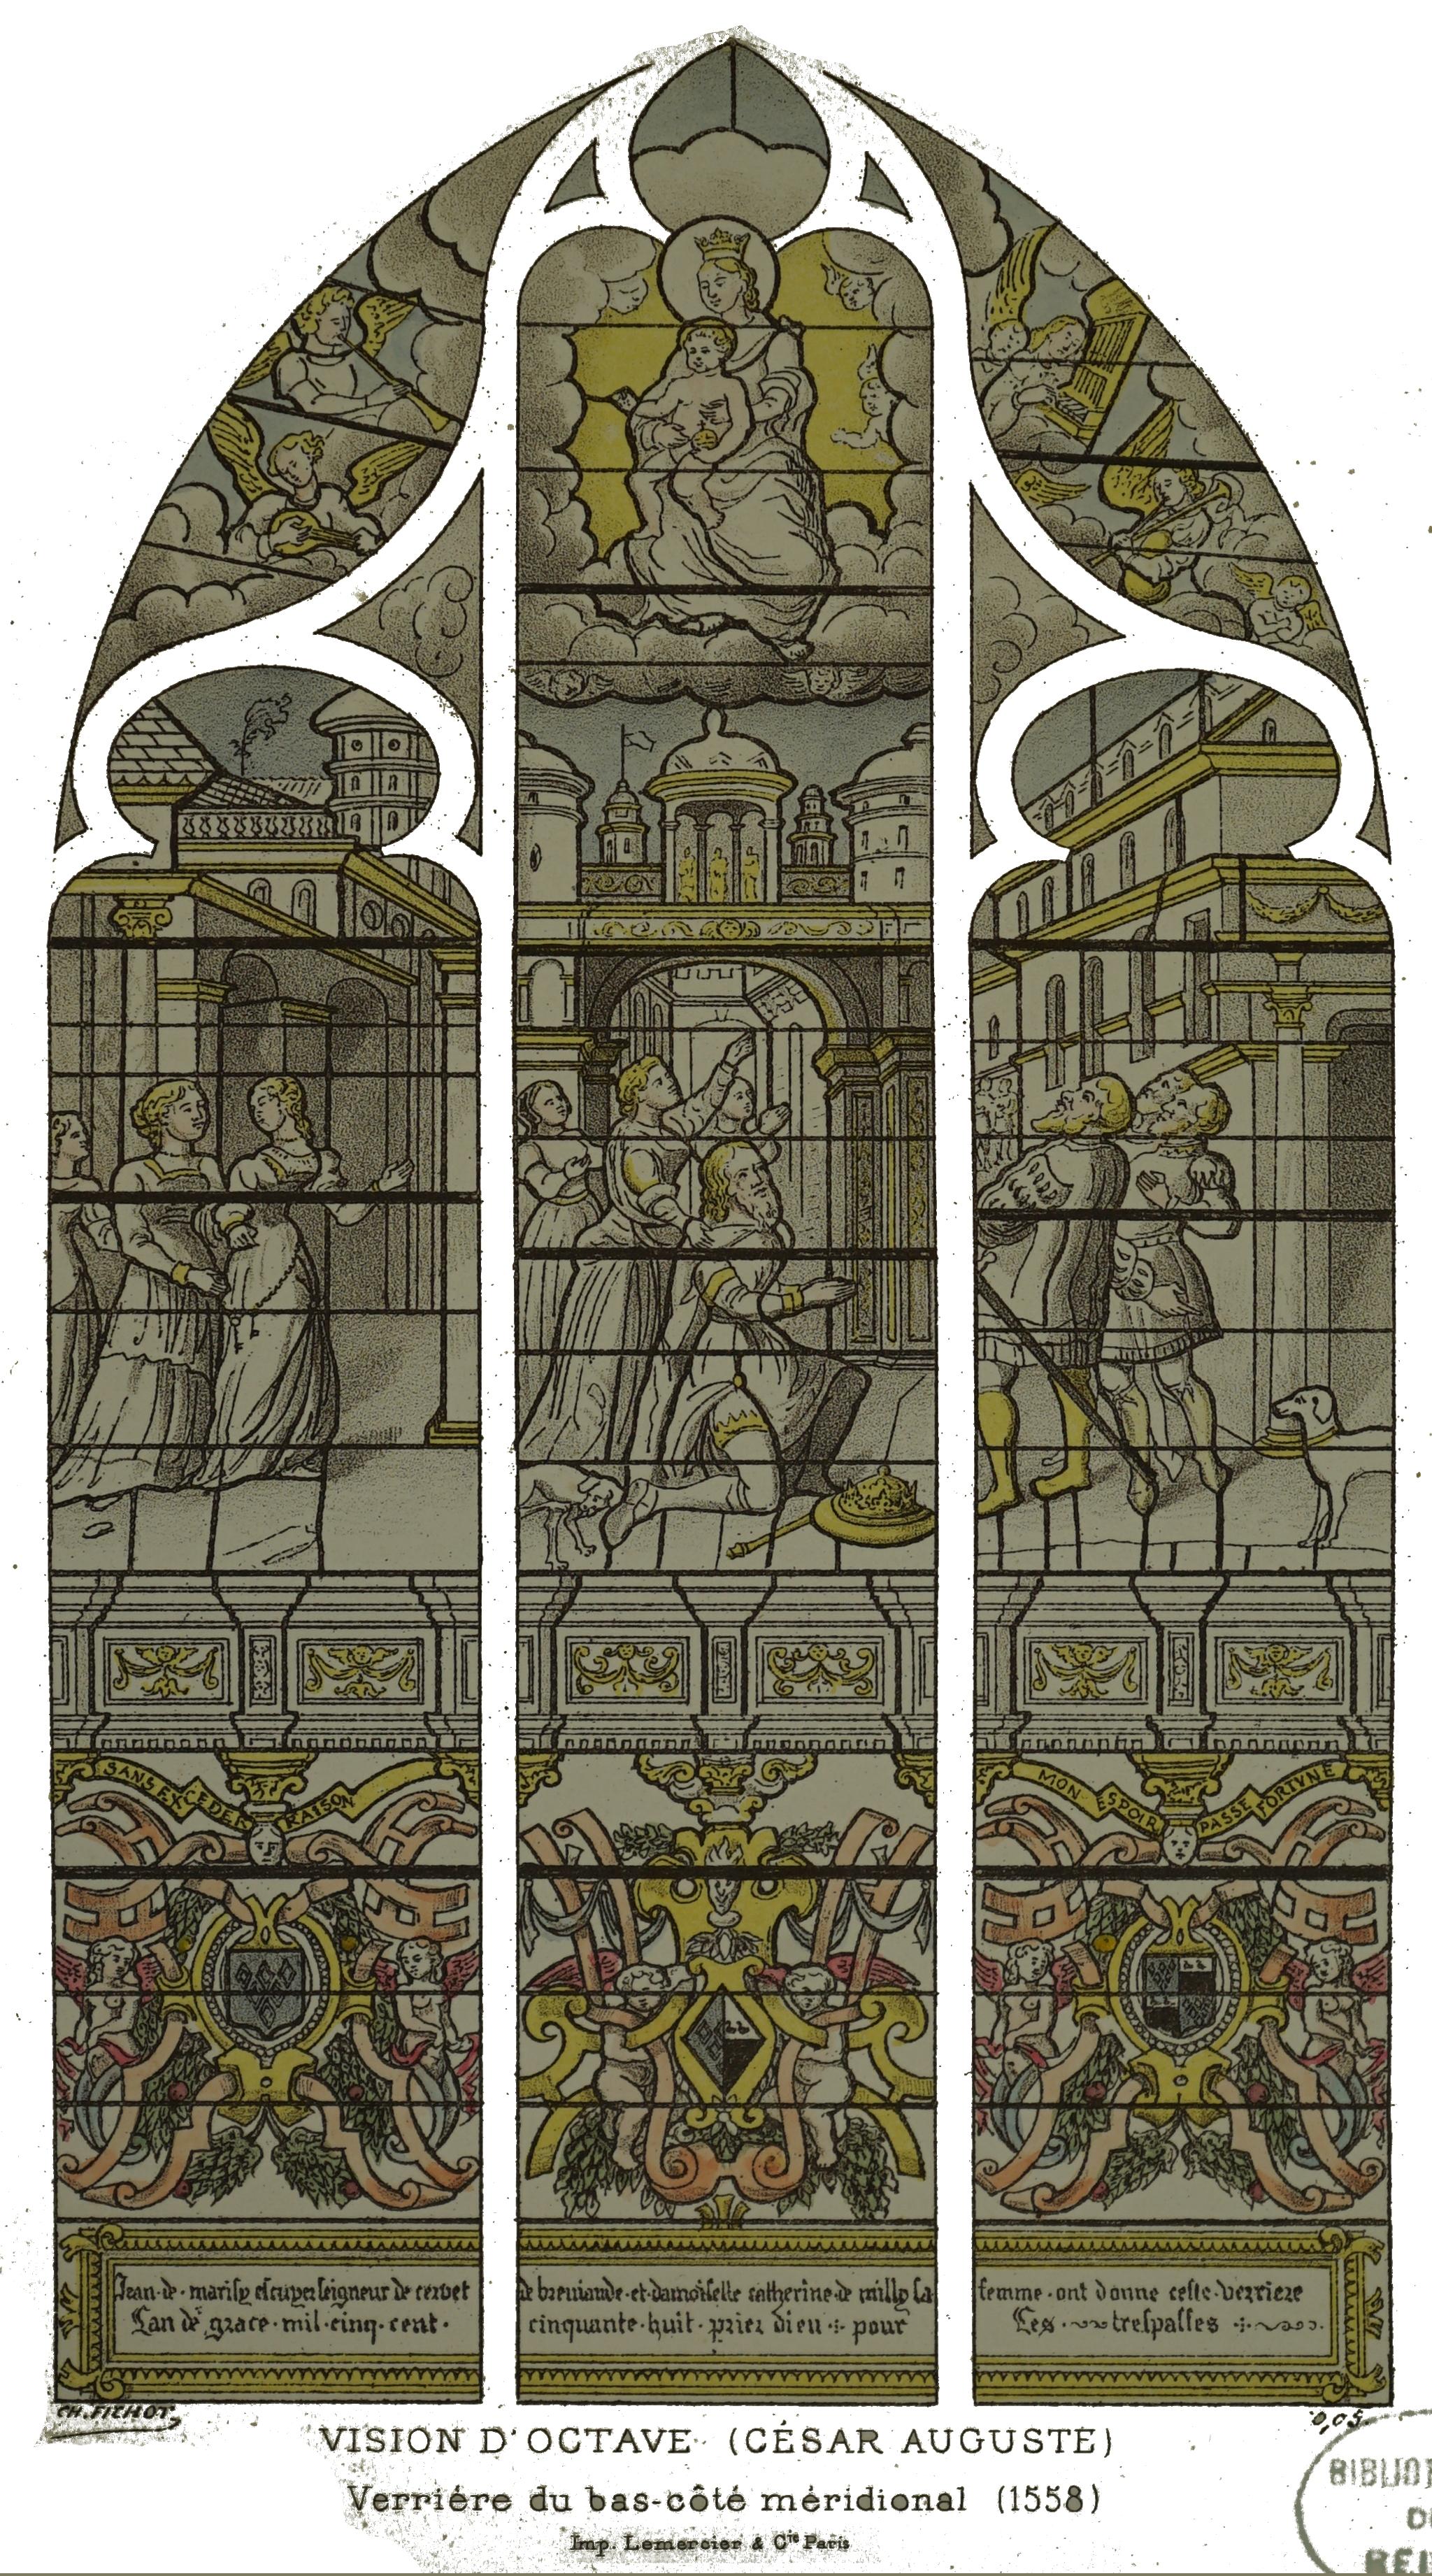 1558 jean de marisy et Catherine de Milly Saint_leger_les_troyes